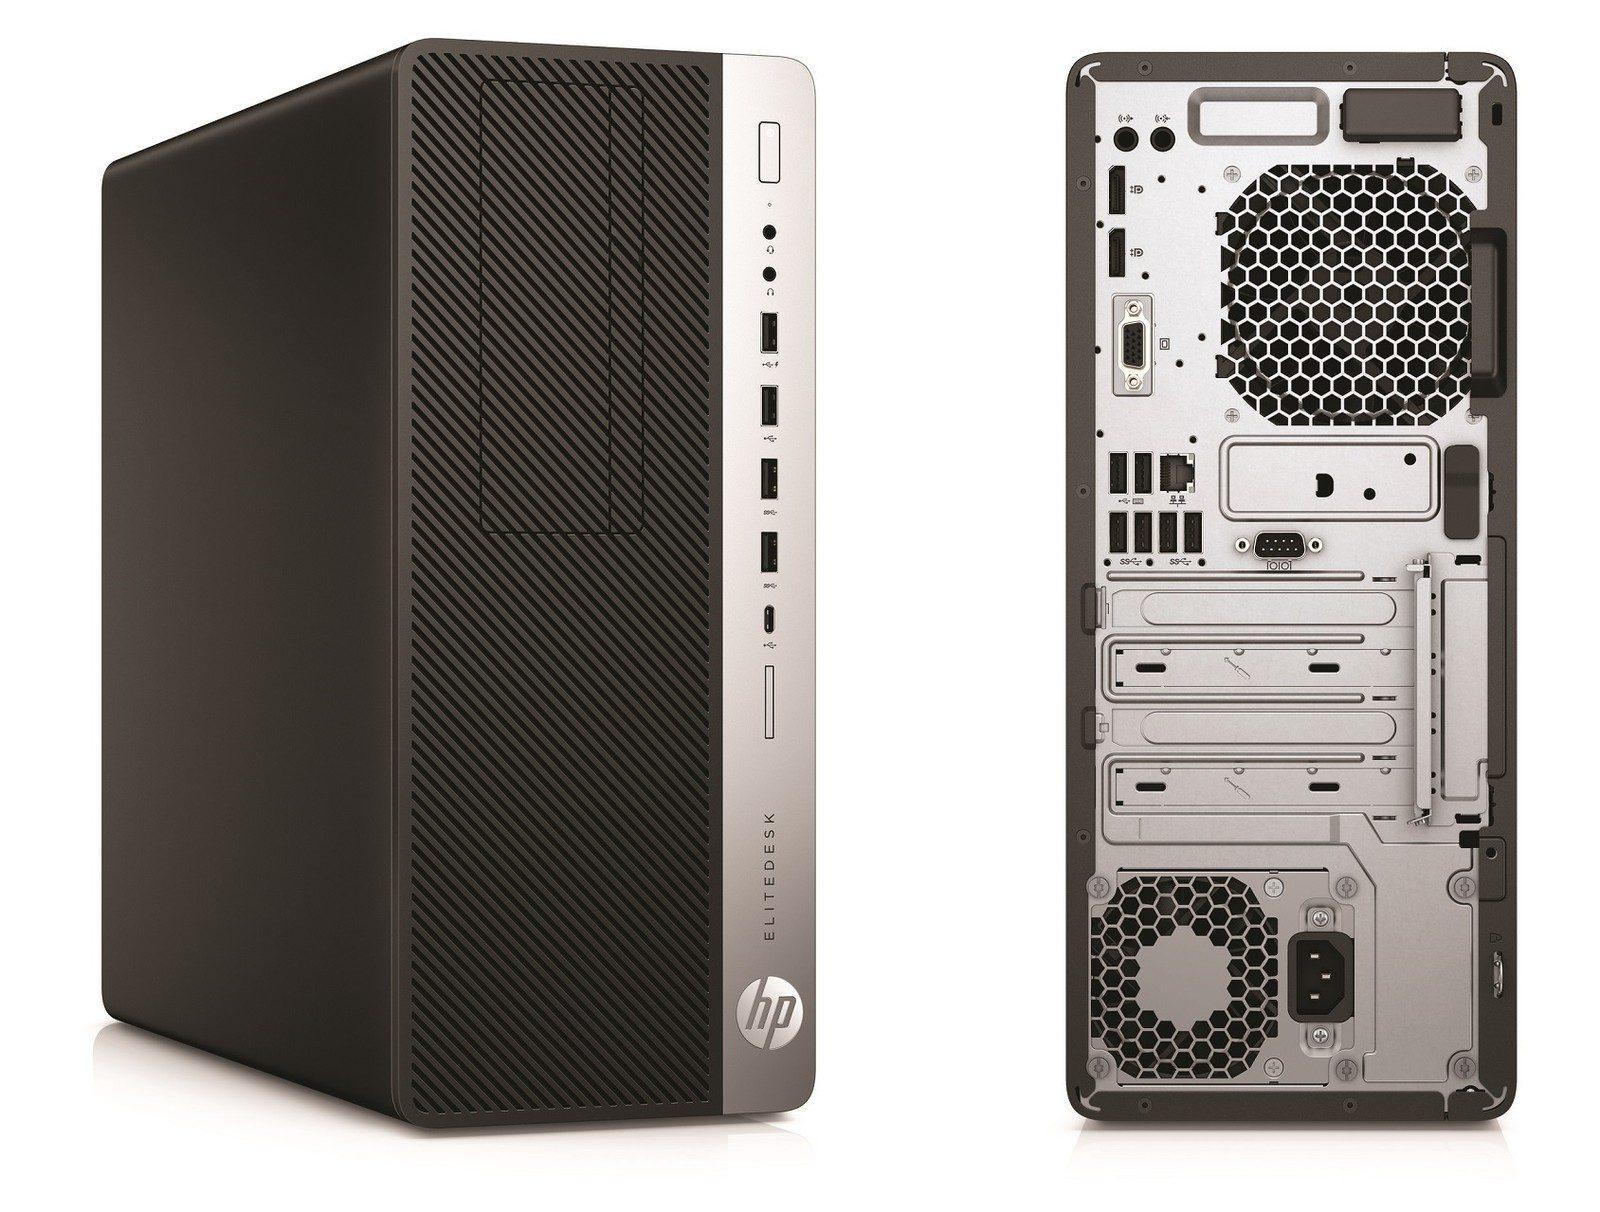 Kết quả hình ảnh cho Máy tính HP ProDesk 400 G4 MT G4560 (1HT52PA)